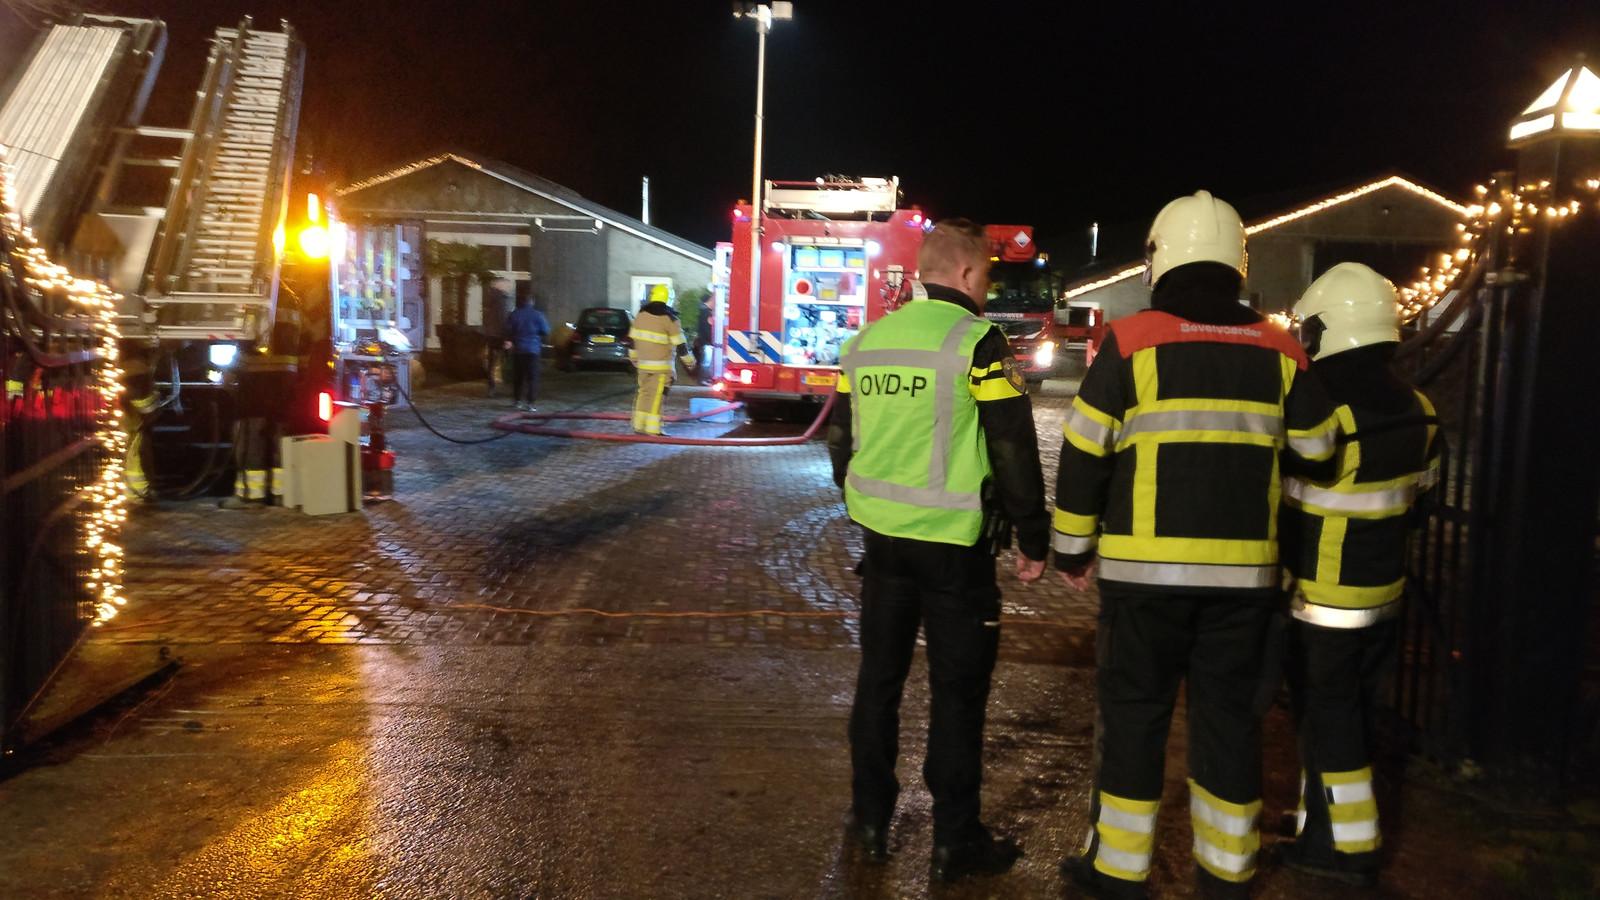 De brand zorgde voor veel rookschade bij het houtverwerkingsbedrijf in Afferden.